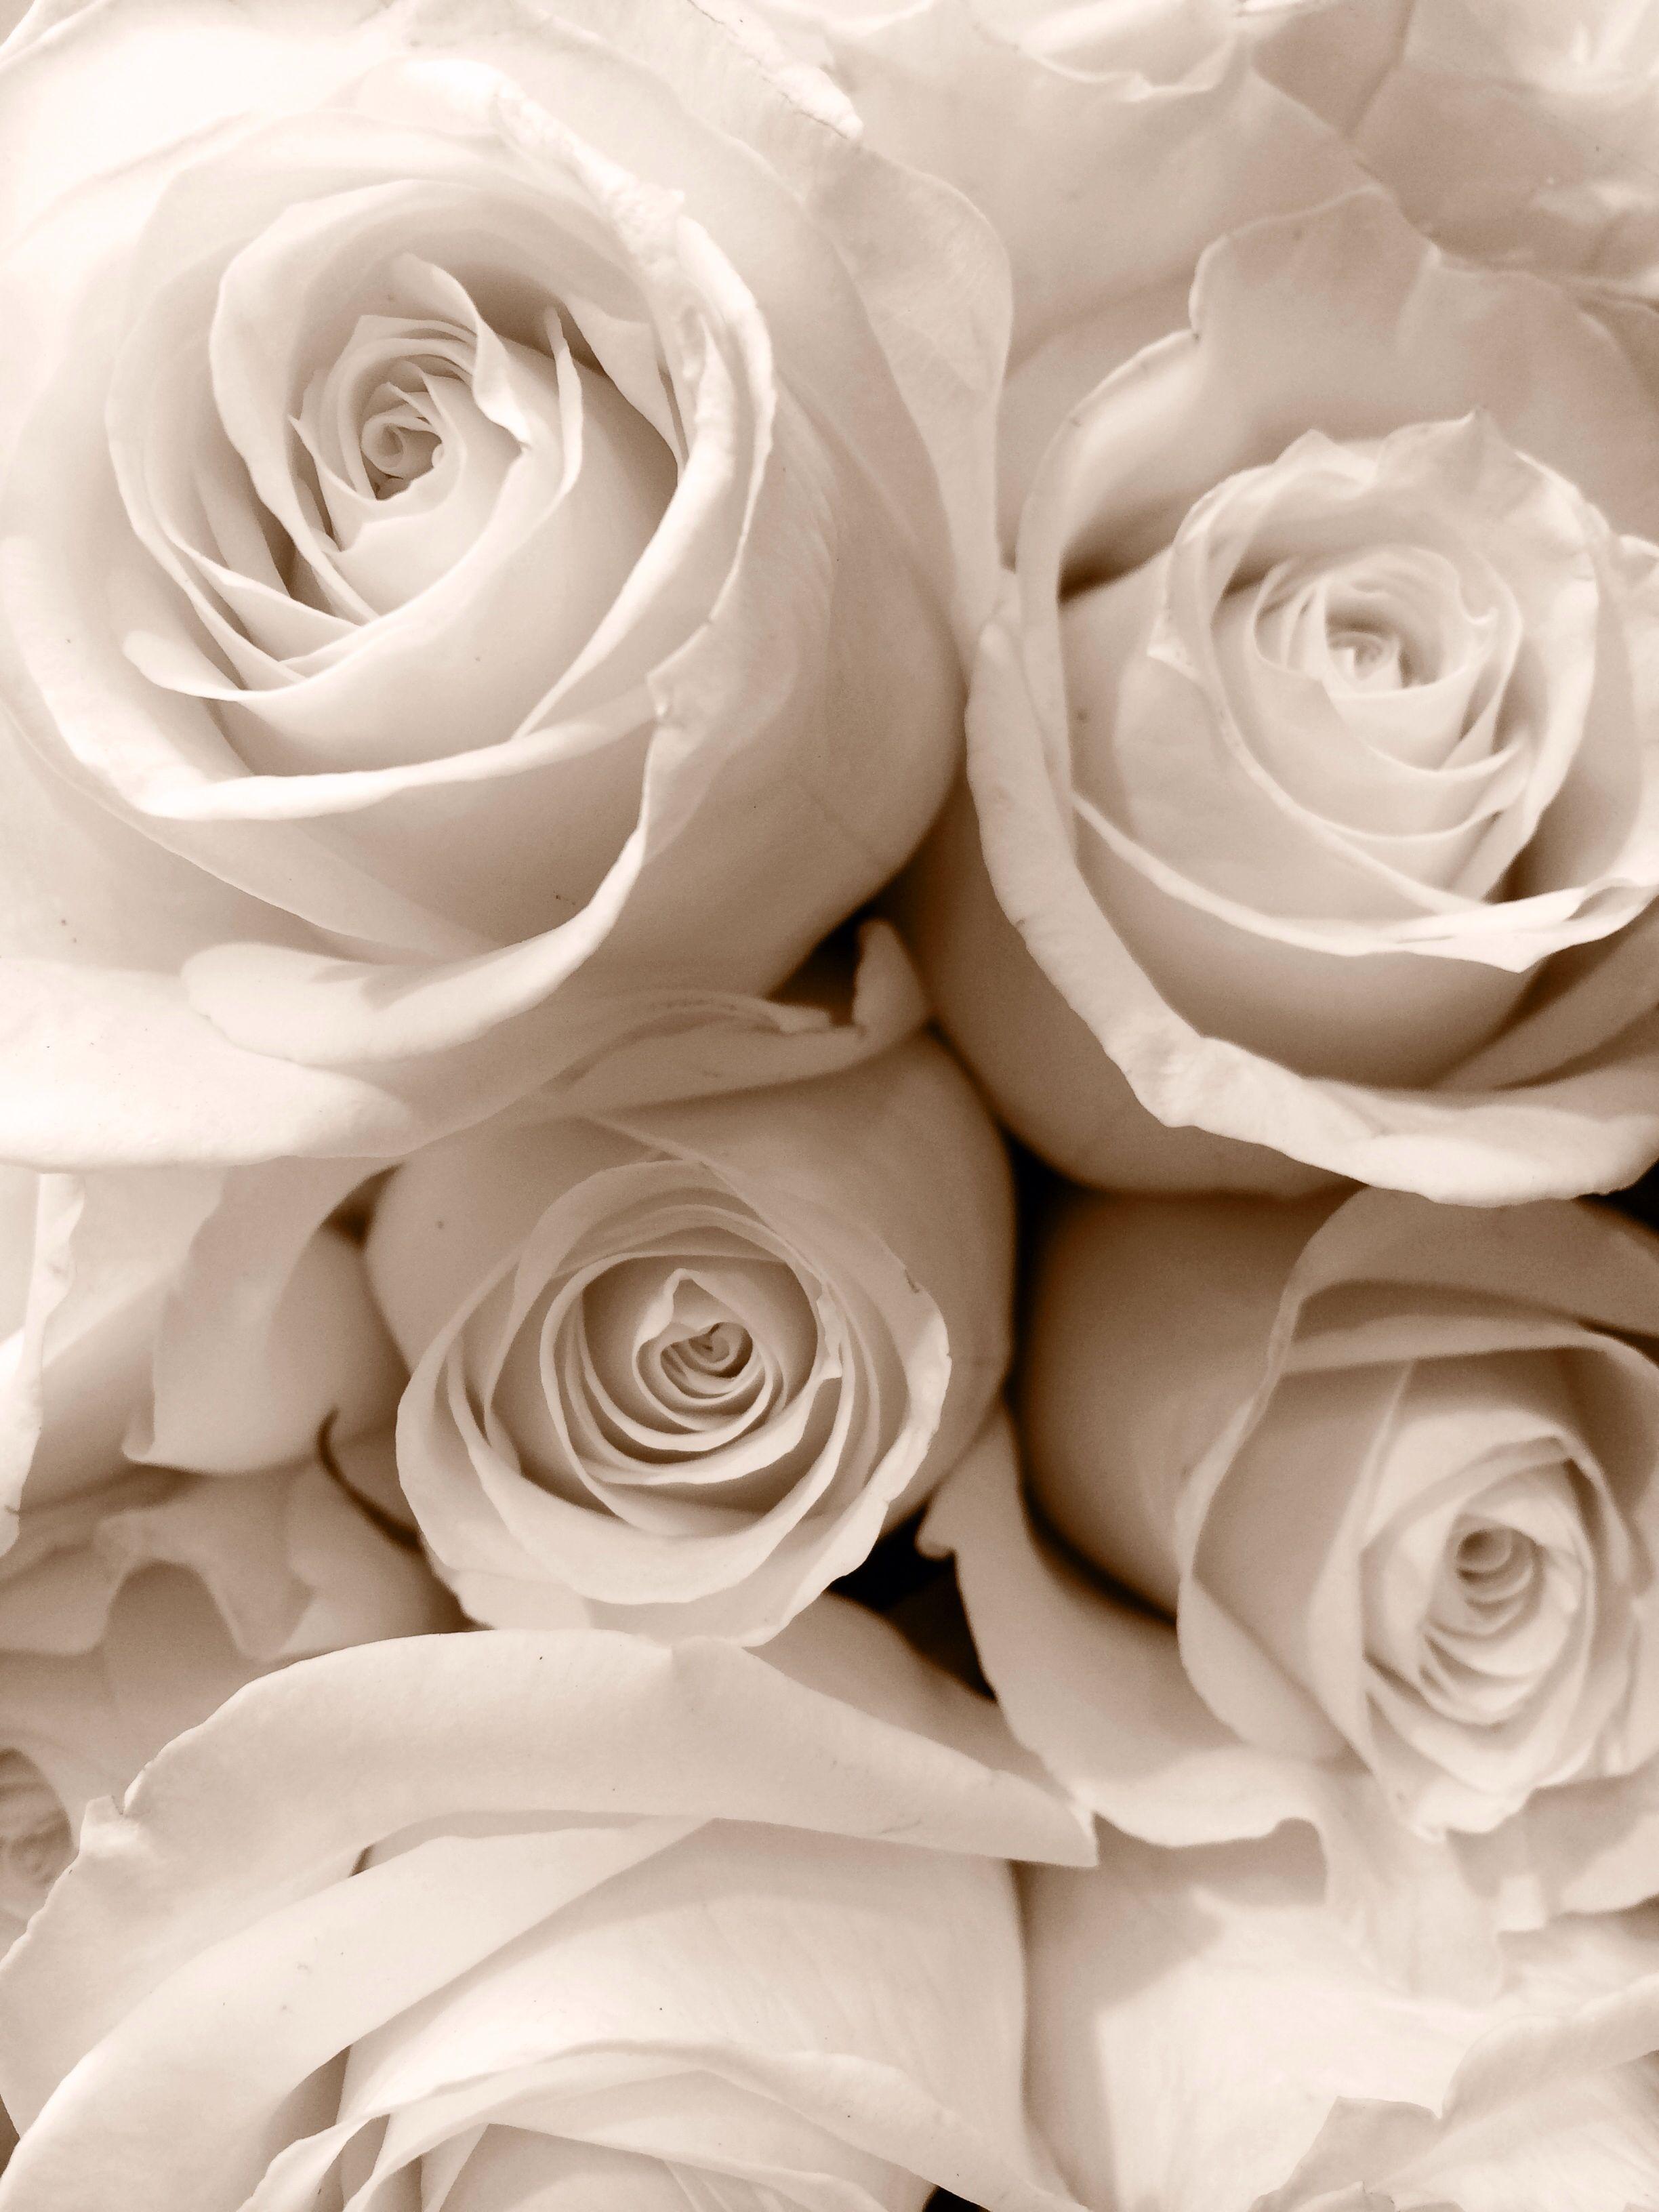 White Roses My Favorite Type Of Flower White Roses Rose White Flowers